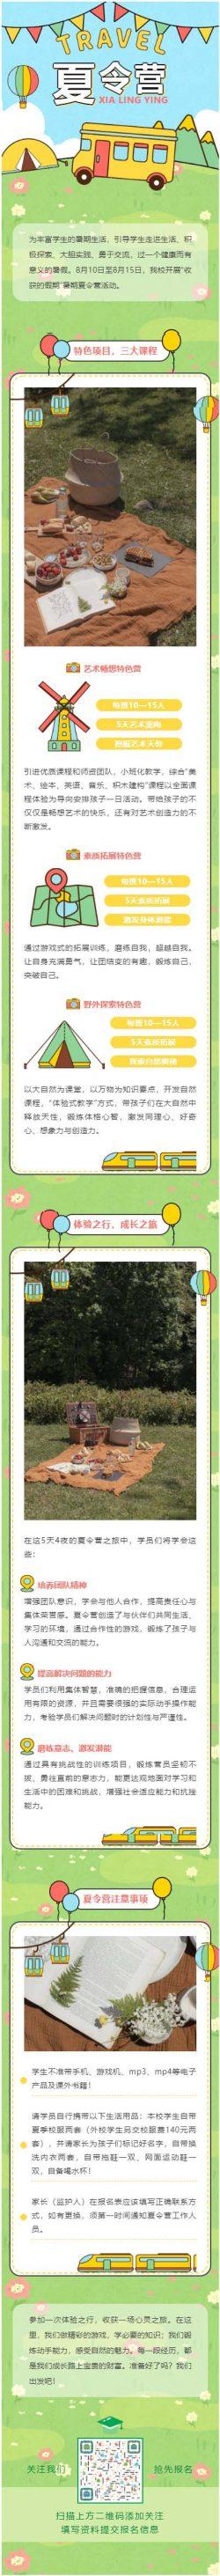 微信夏令营模板公众号推文卡通儿童节推送图文模板文章素材